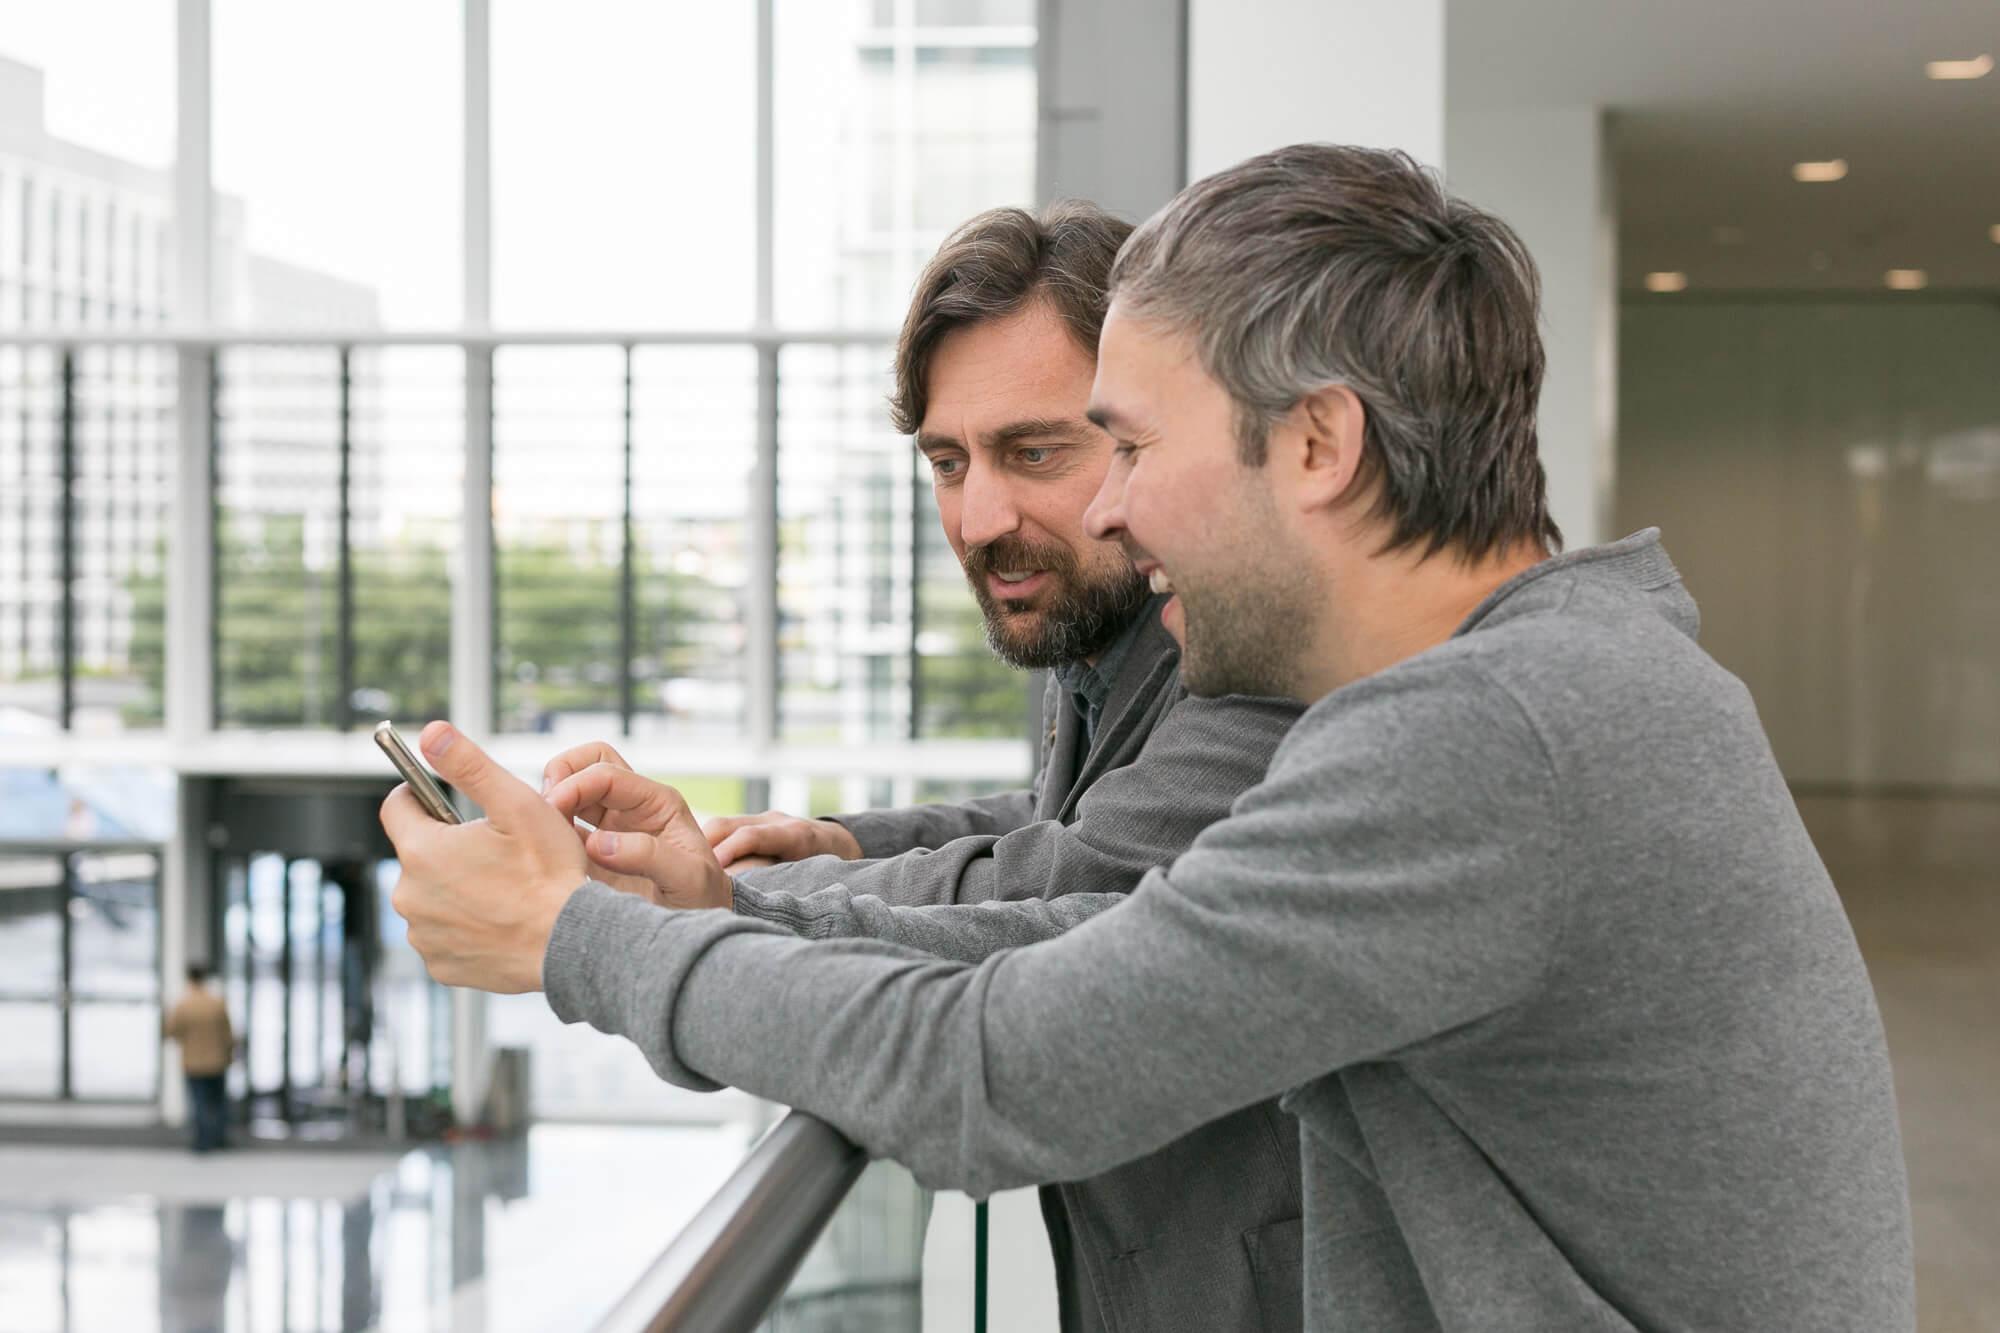 Архитеткторы и дизайнеры Владимир Романов и Леван Давлианидзе - студия дизайна интерьера